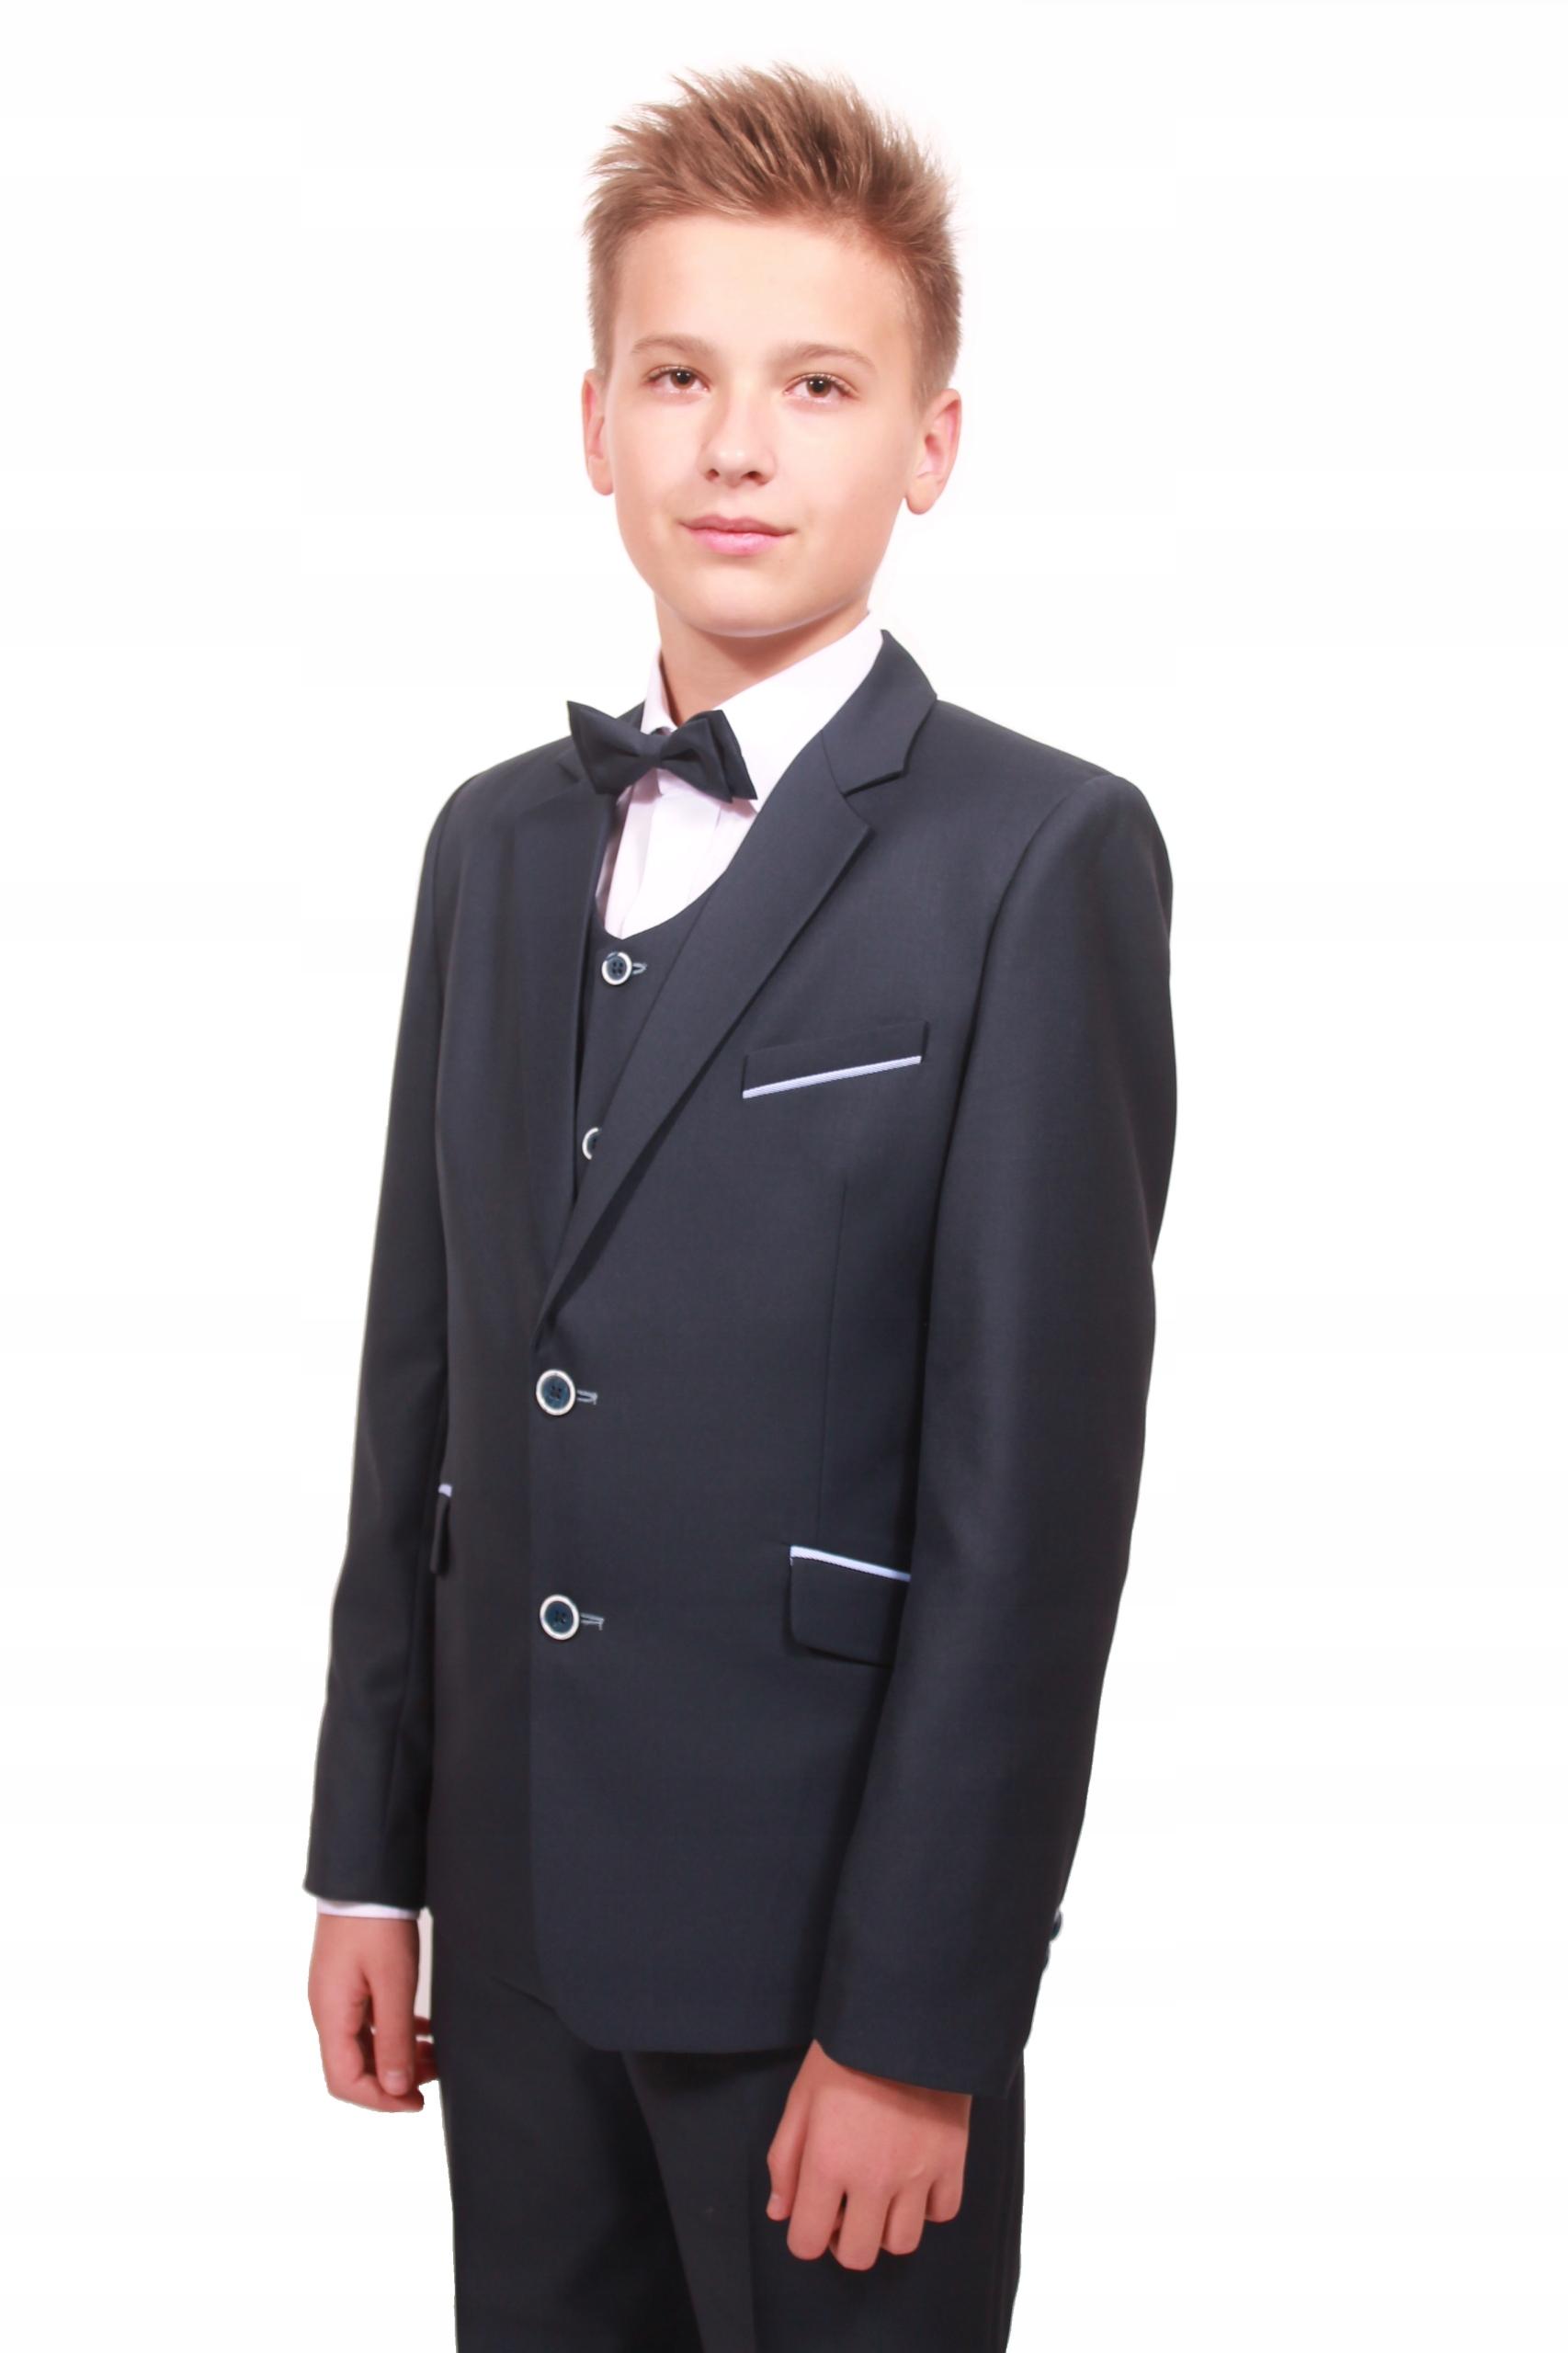 Oblek boyish SOMIR kobaltu N dim.152 XL